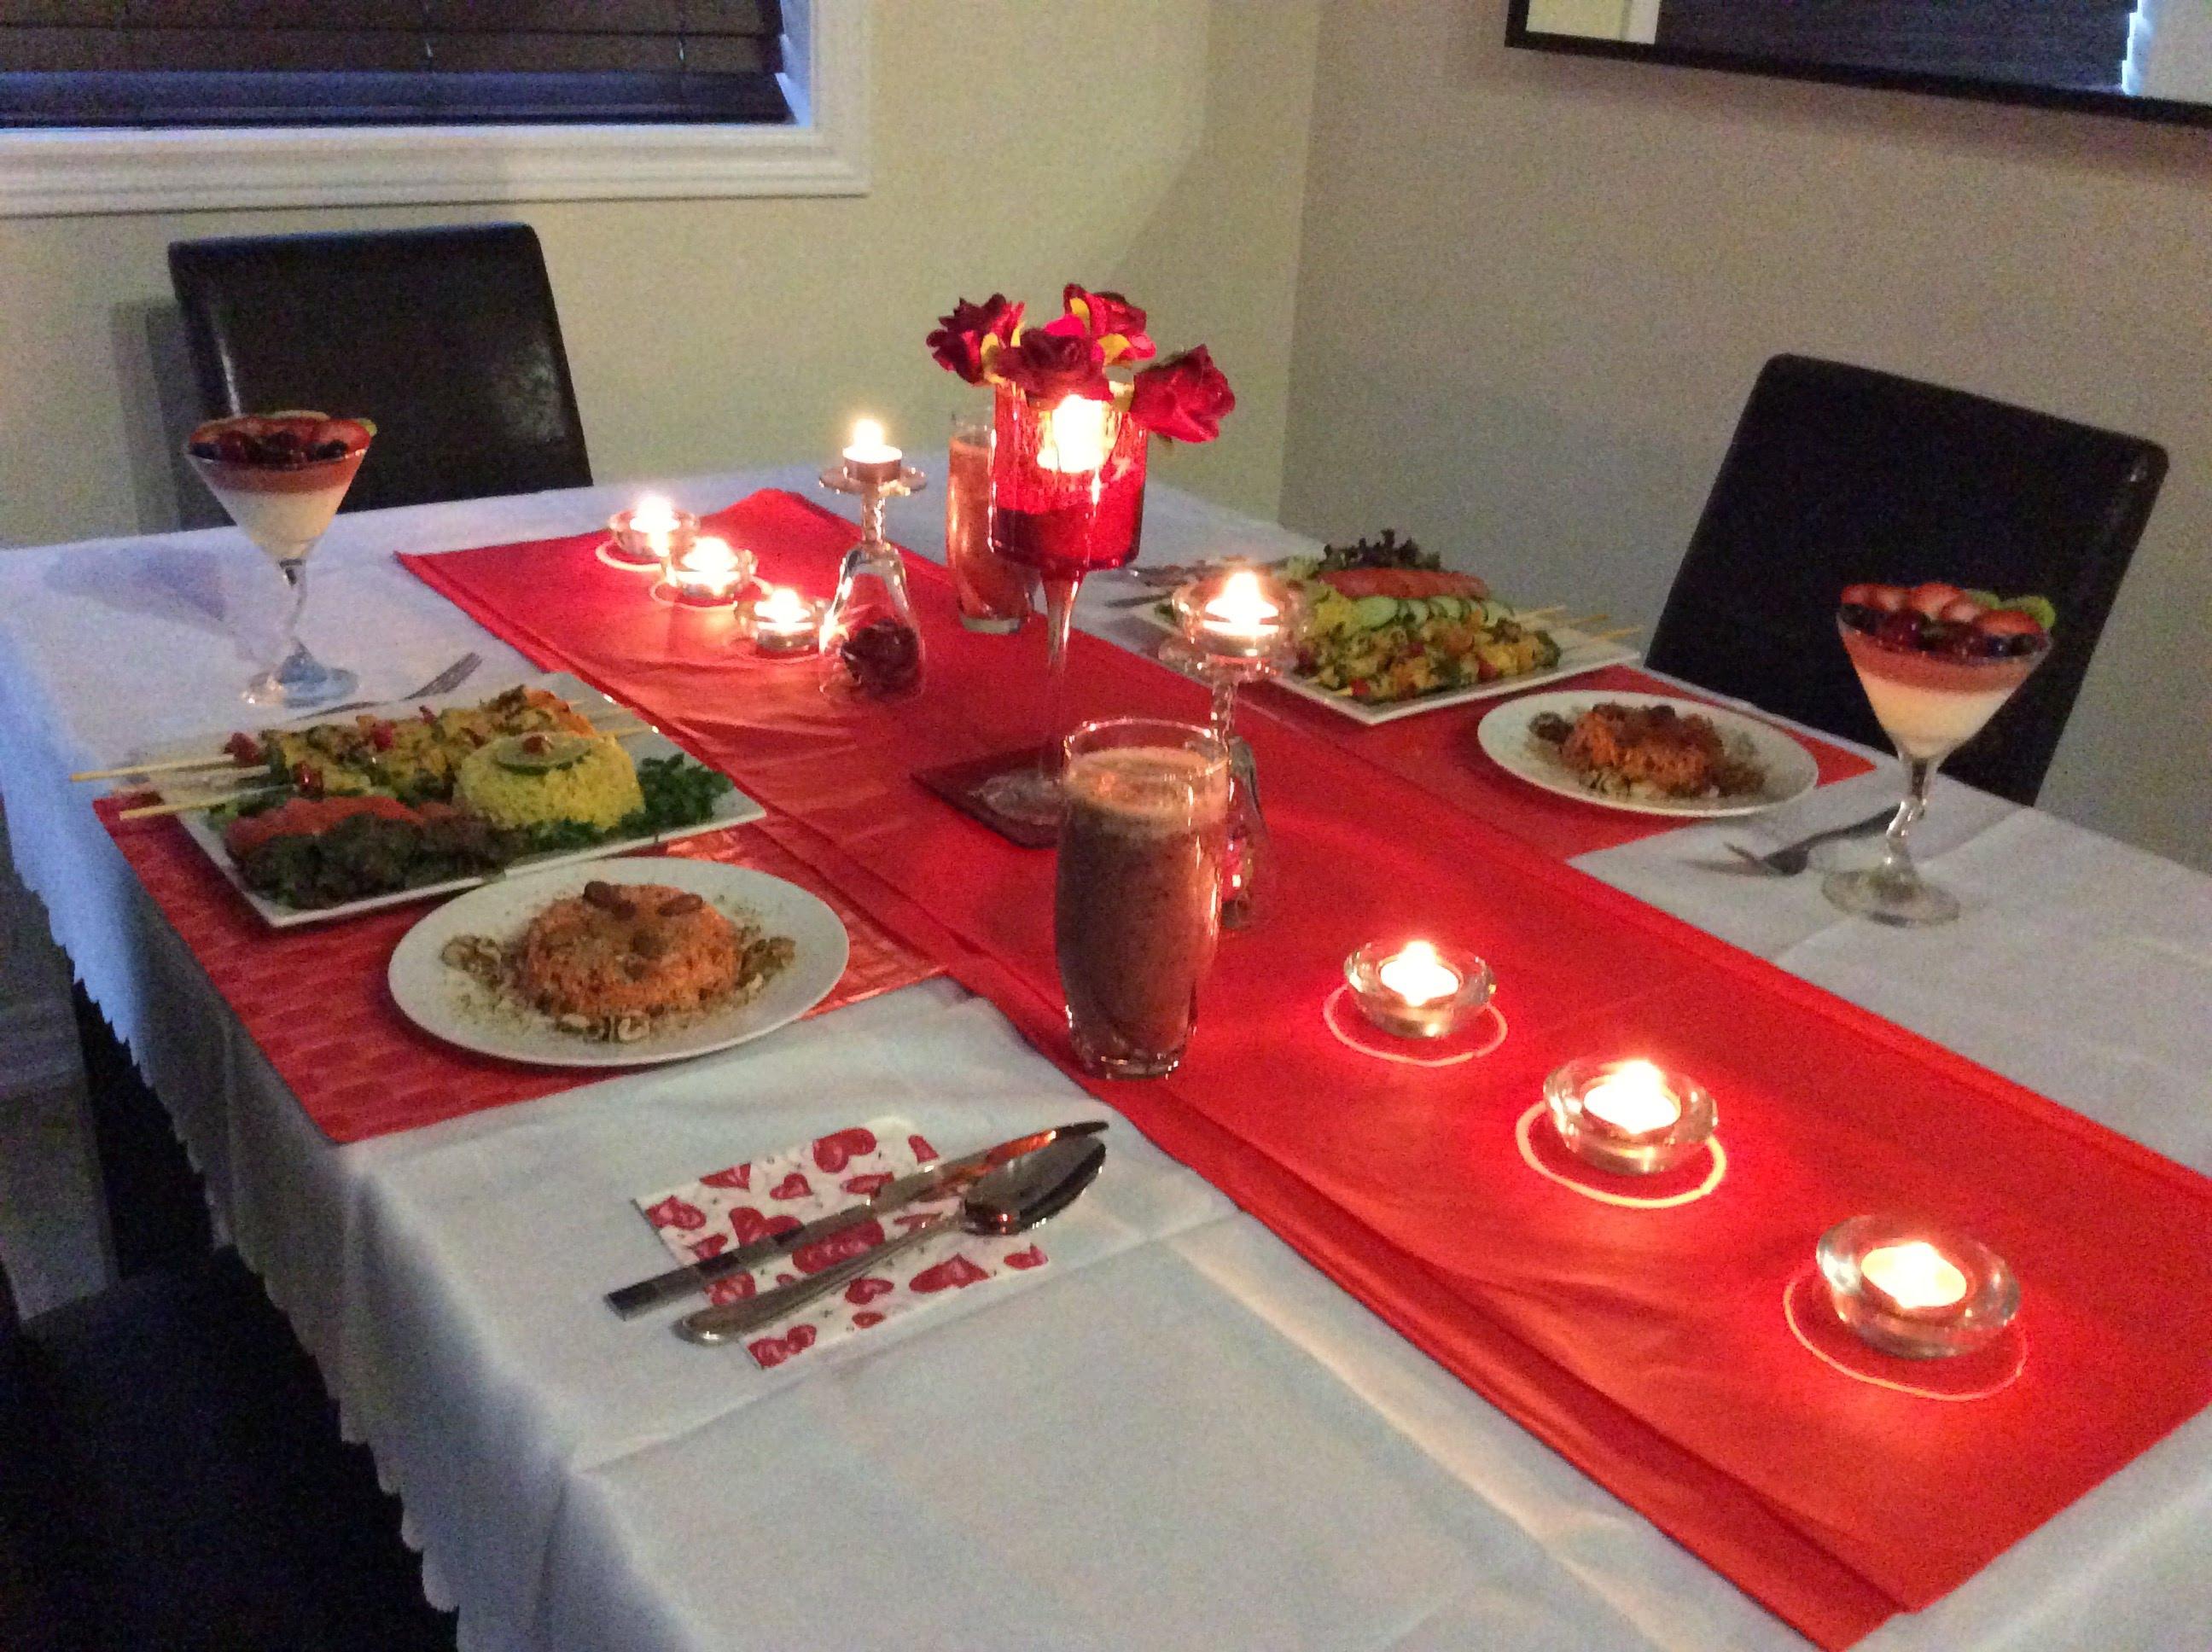 صورة عشاء رومانسي في البيت , صور رومانسية للعشاء بالمنزل 2090 2